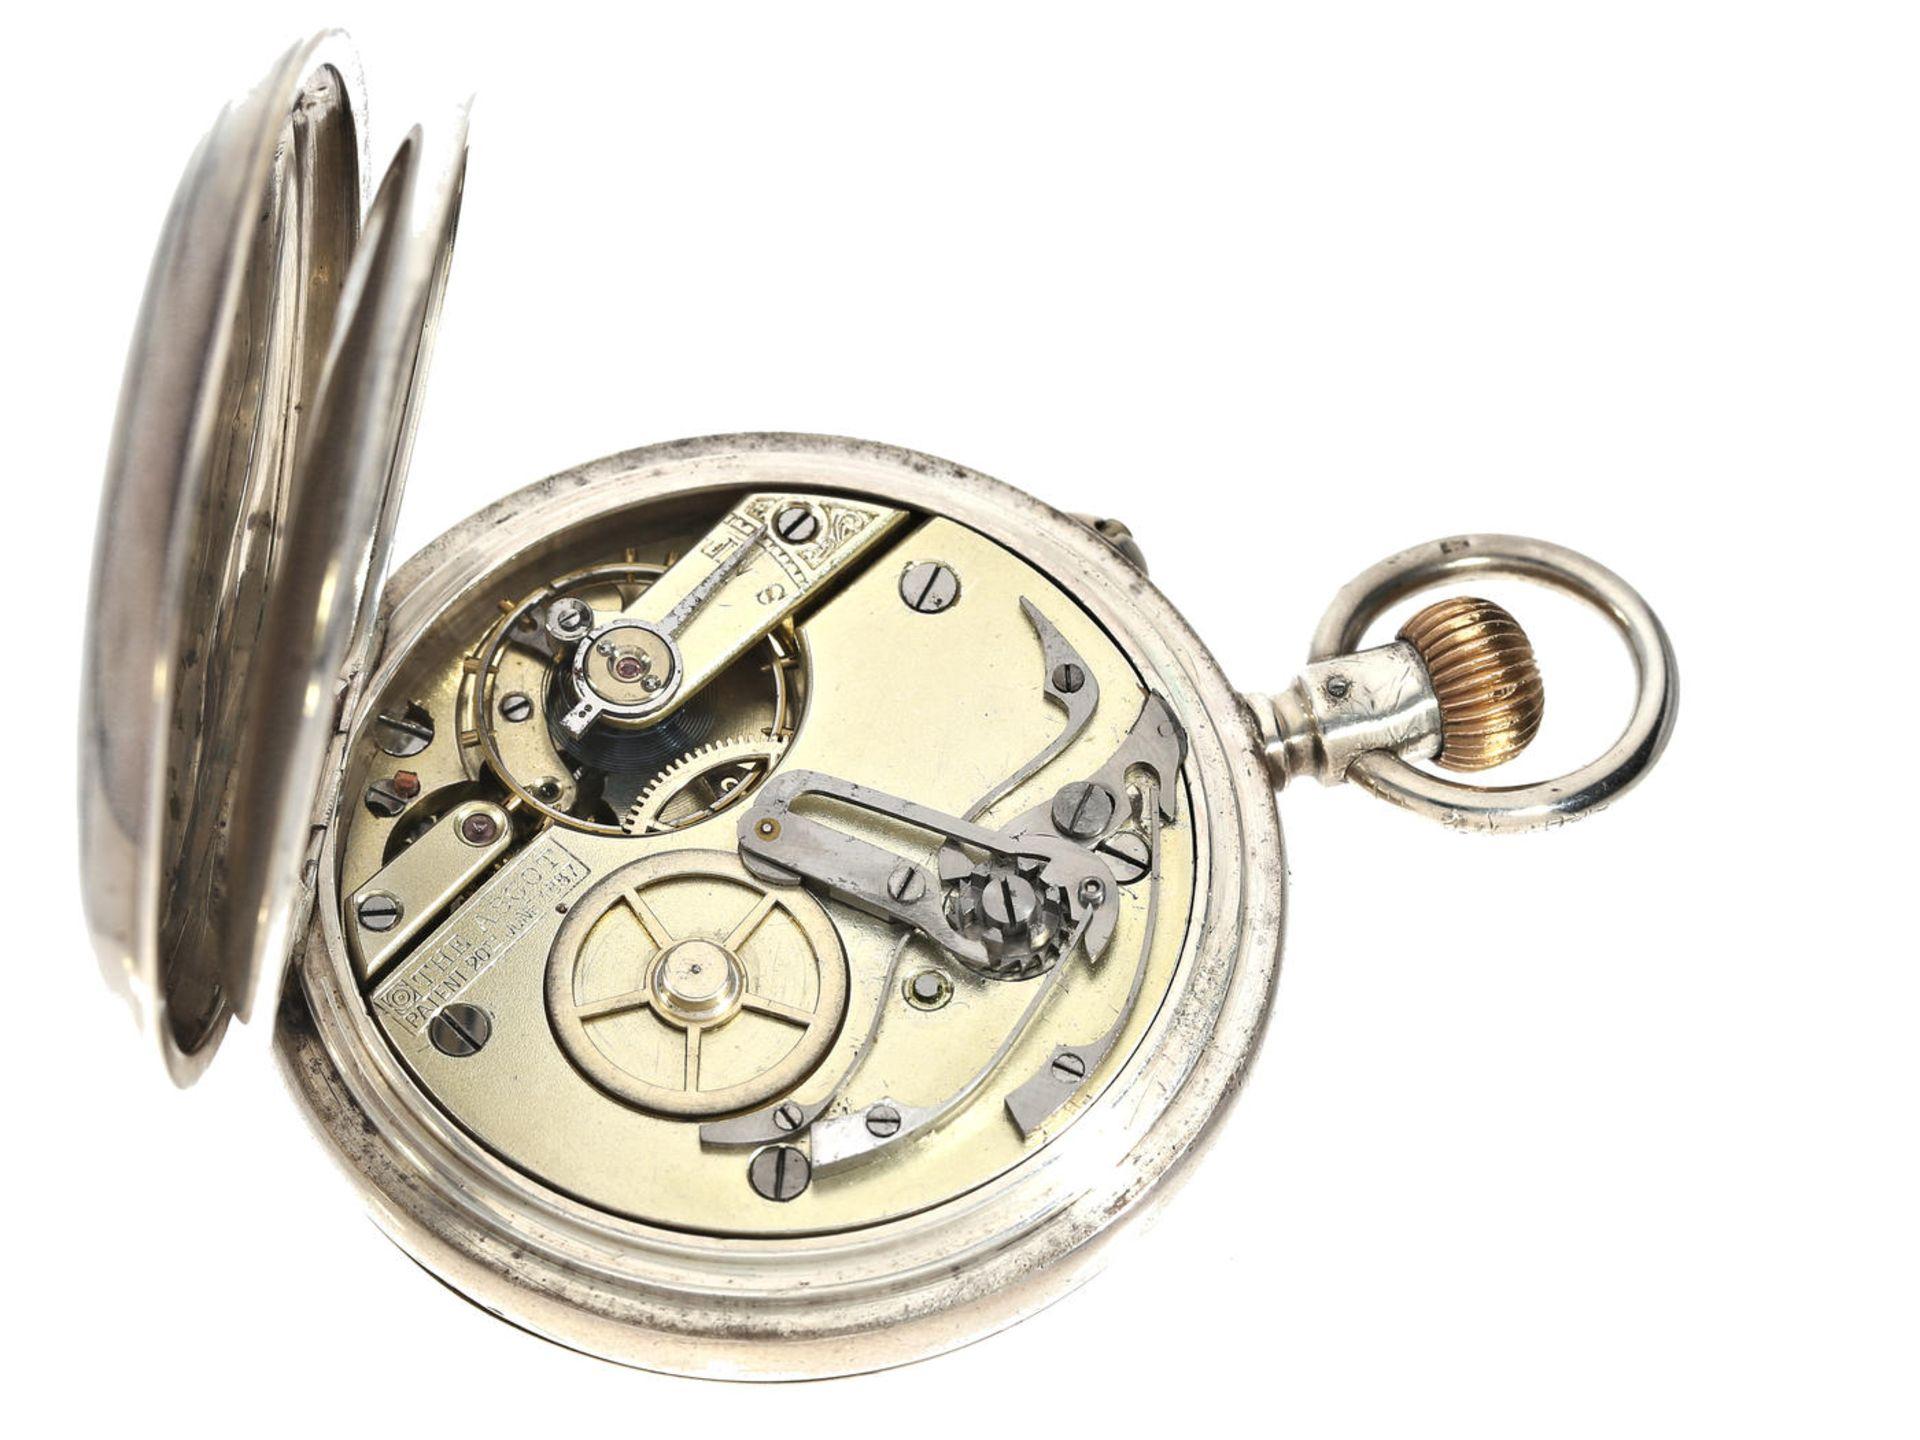 Taschenuhr: Schweizer Kronendrücker-Chronograph, gefertigt für den englischen Markt, Silber, ca.1912 - Bild 2 aus 3